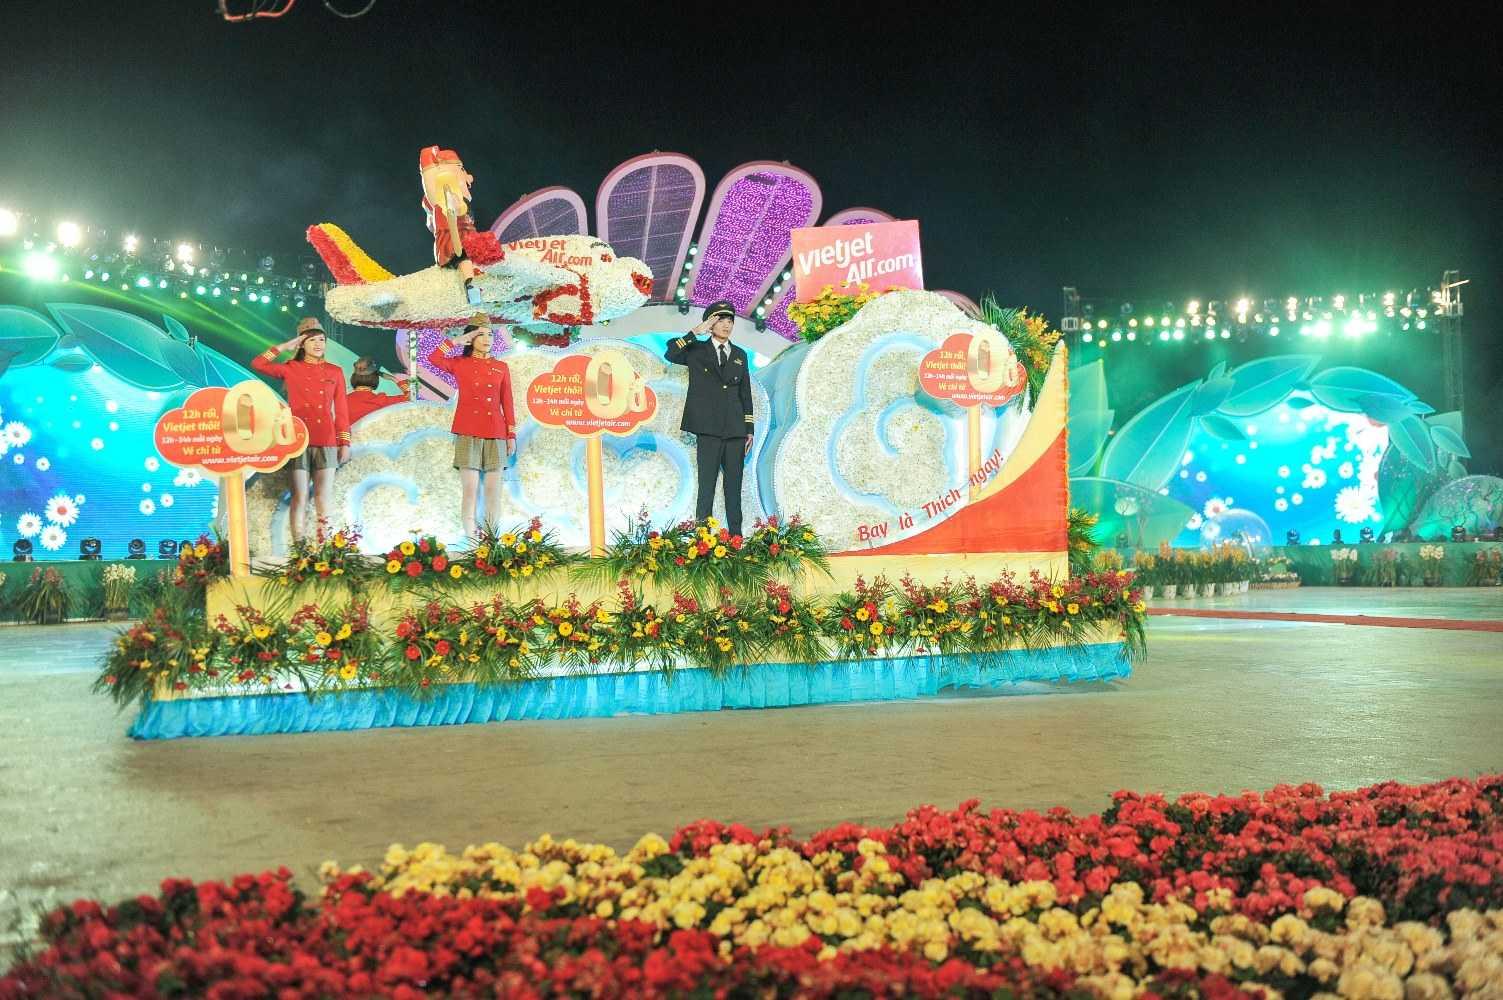 Xe hoa Vietjet diễu hành trong đêm khai mạc